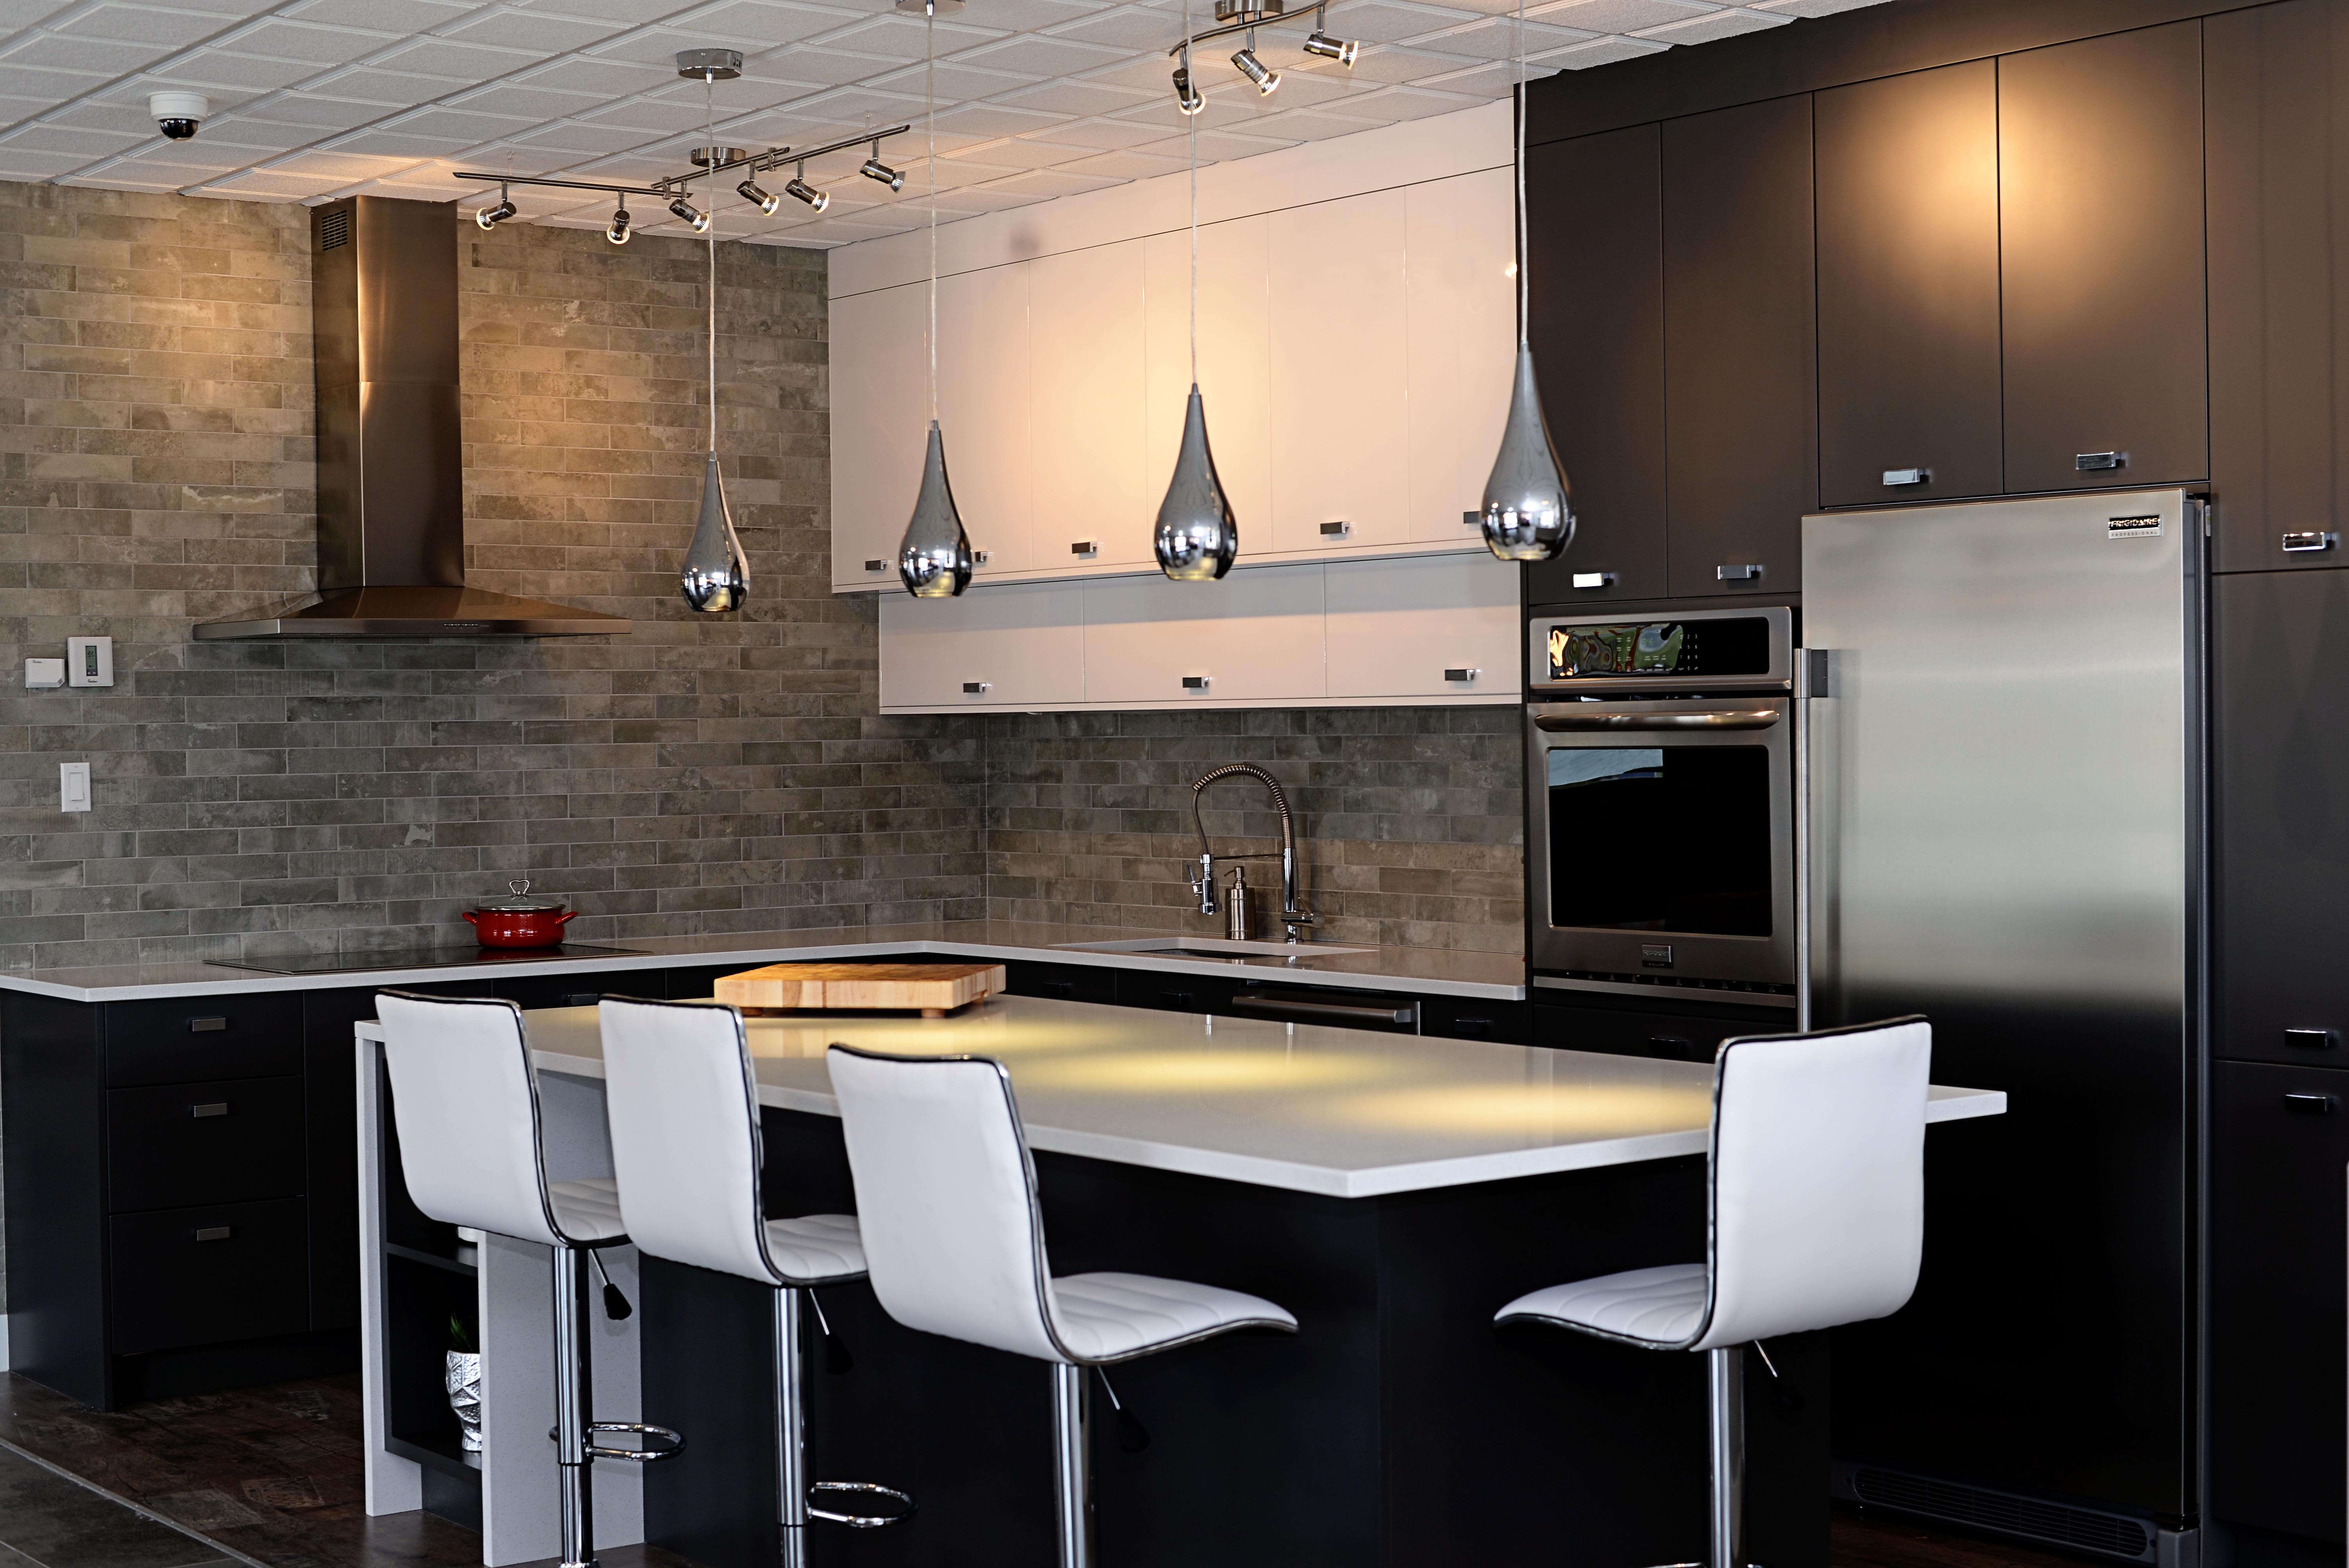 Alliance cuisine modulaire ouvre dans le secteur rock for Cuisine minimaliste